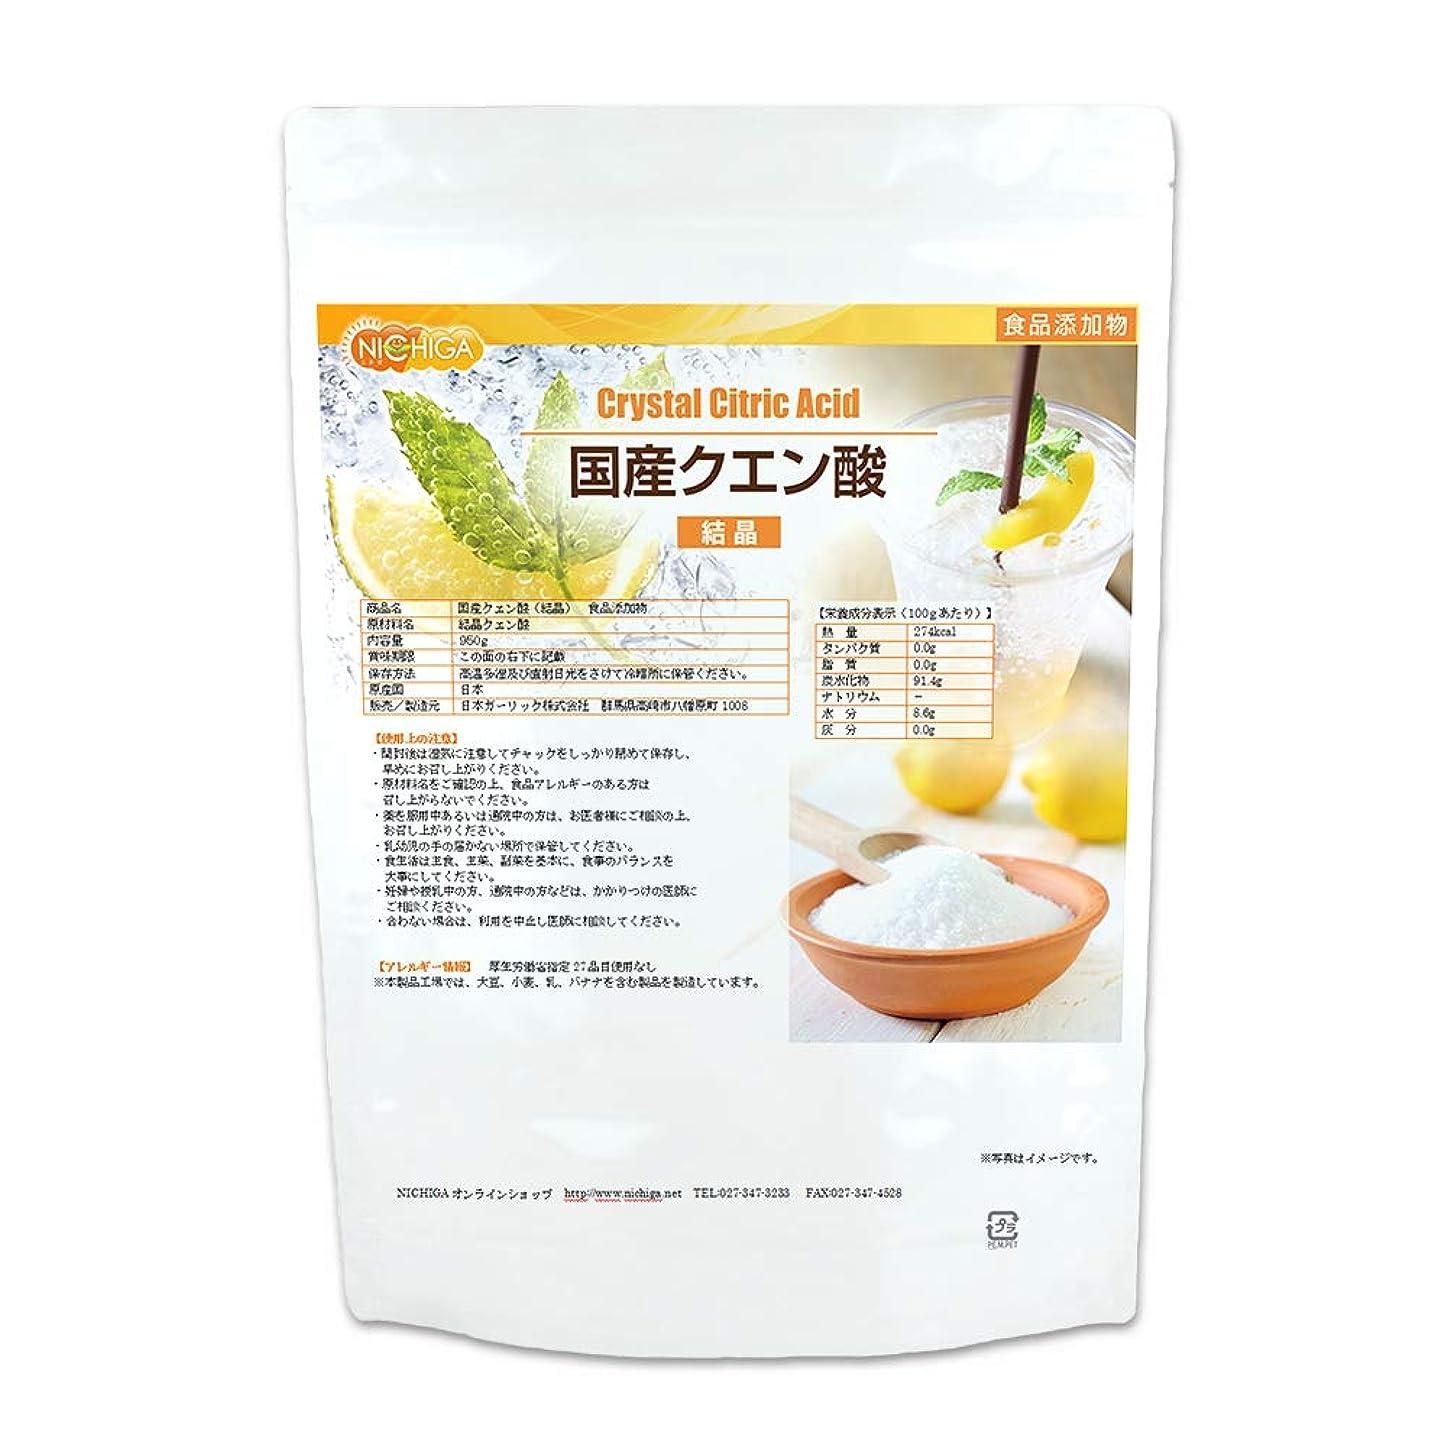 さびた伝説無駄国産クエン酸(結晶)950g 食品添加物(食用)鹿児島県で製造さ 希少な国内製造 [01] NICHIGA(ニチガ)